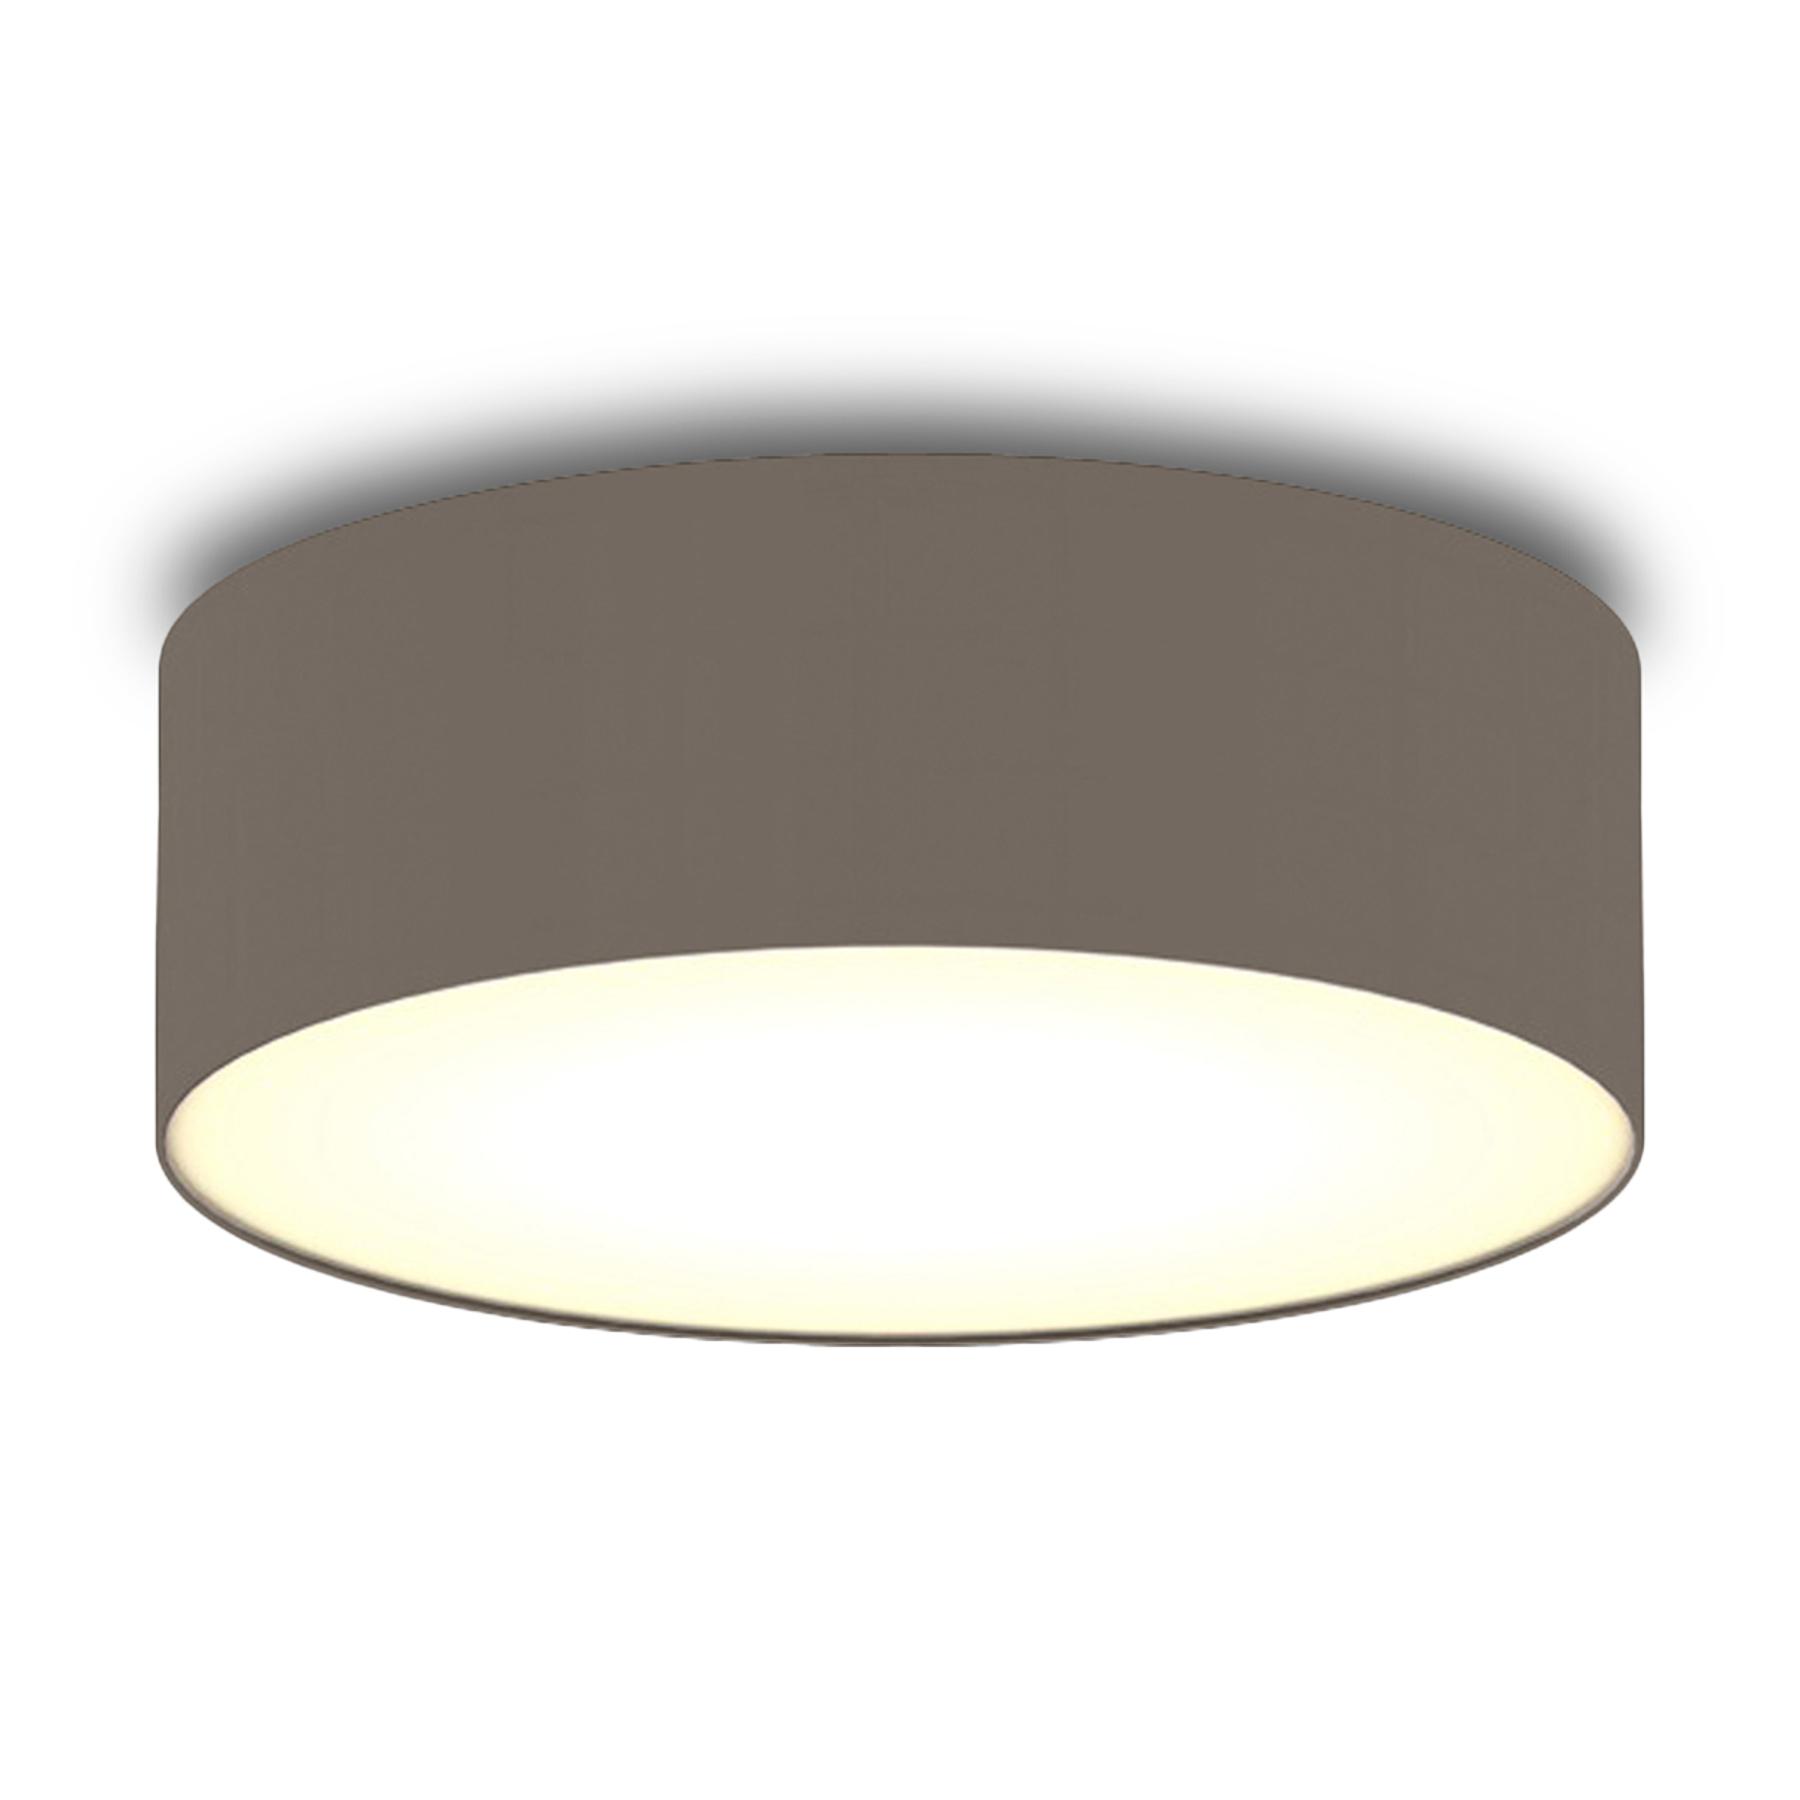 Bruine textiel-plafondlamp Ceiling Dream 30 cm